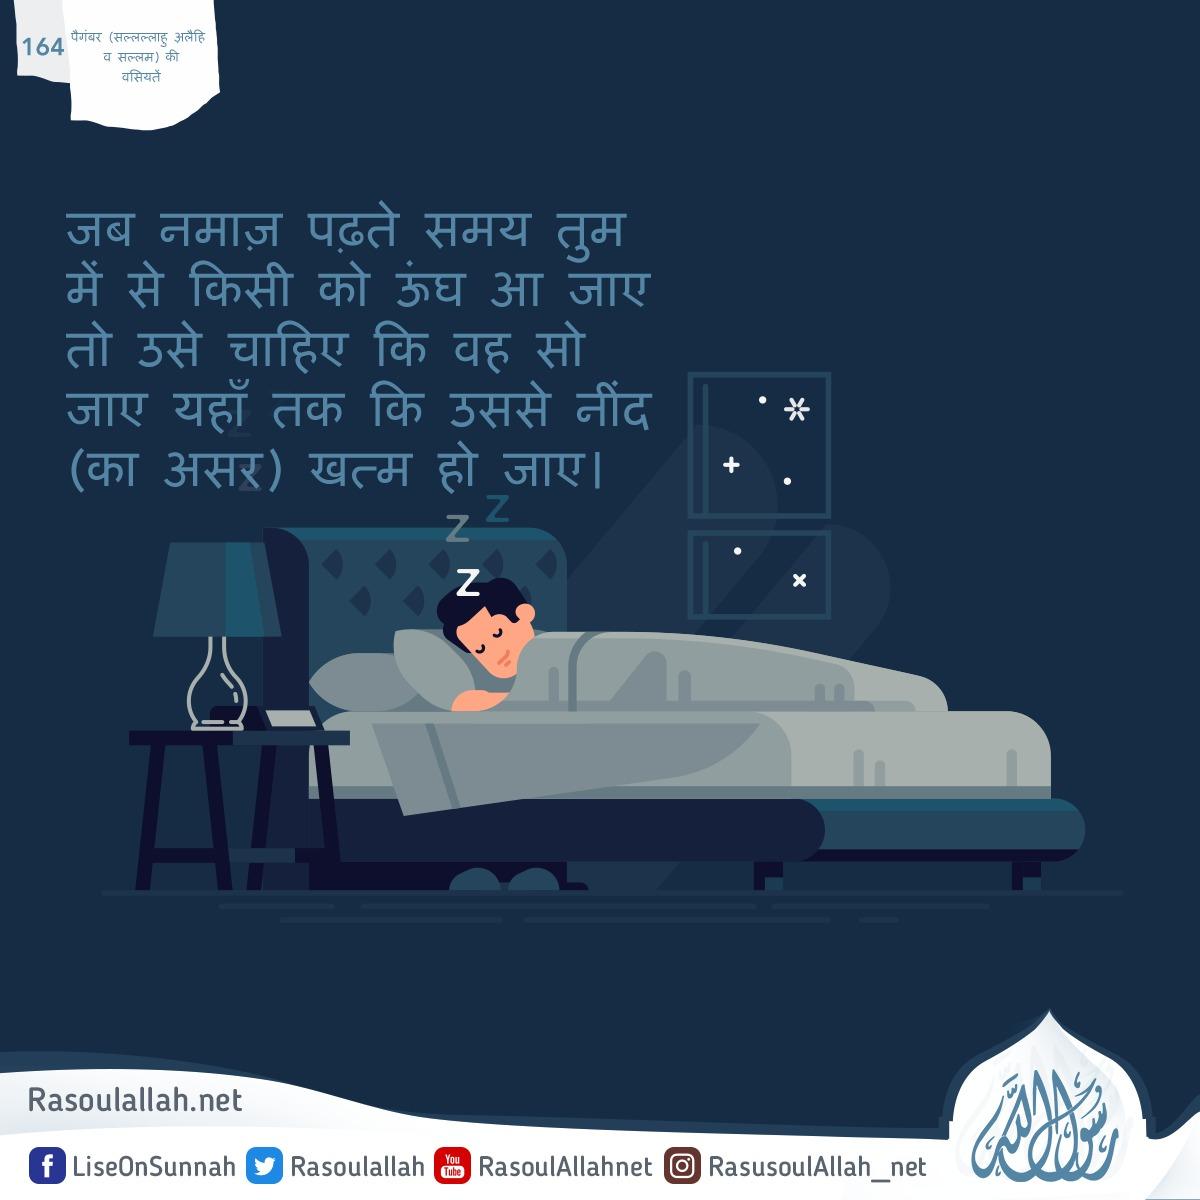 (164) जब नमाज़ पढ़ते समय तुम में से किसी को ऊंघ आ जाए तो उसे चाहिए कि वह सो जाए यहाँ तक कि उससे नींद (का असर) खत्म हो जाए।